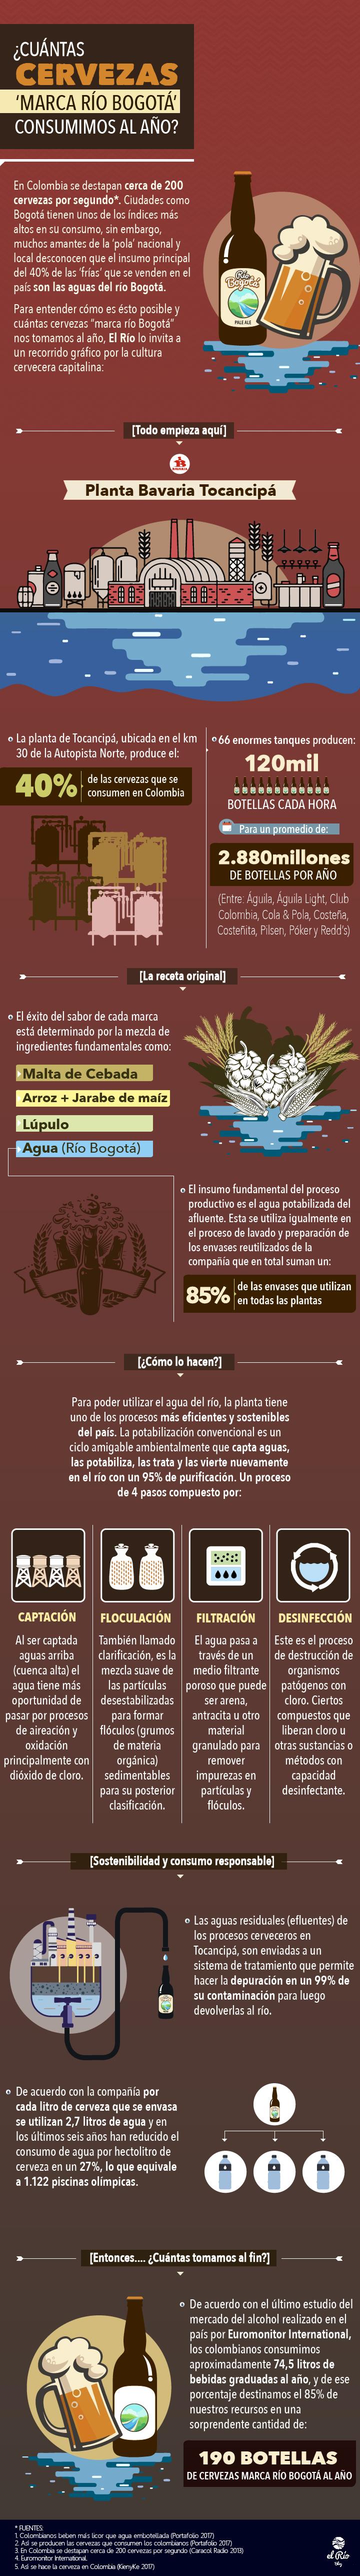 infografiacervezasriobogota-01